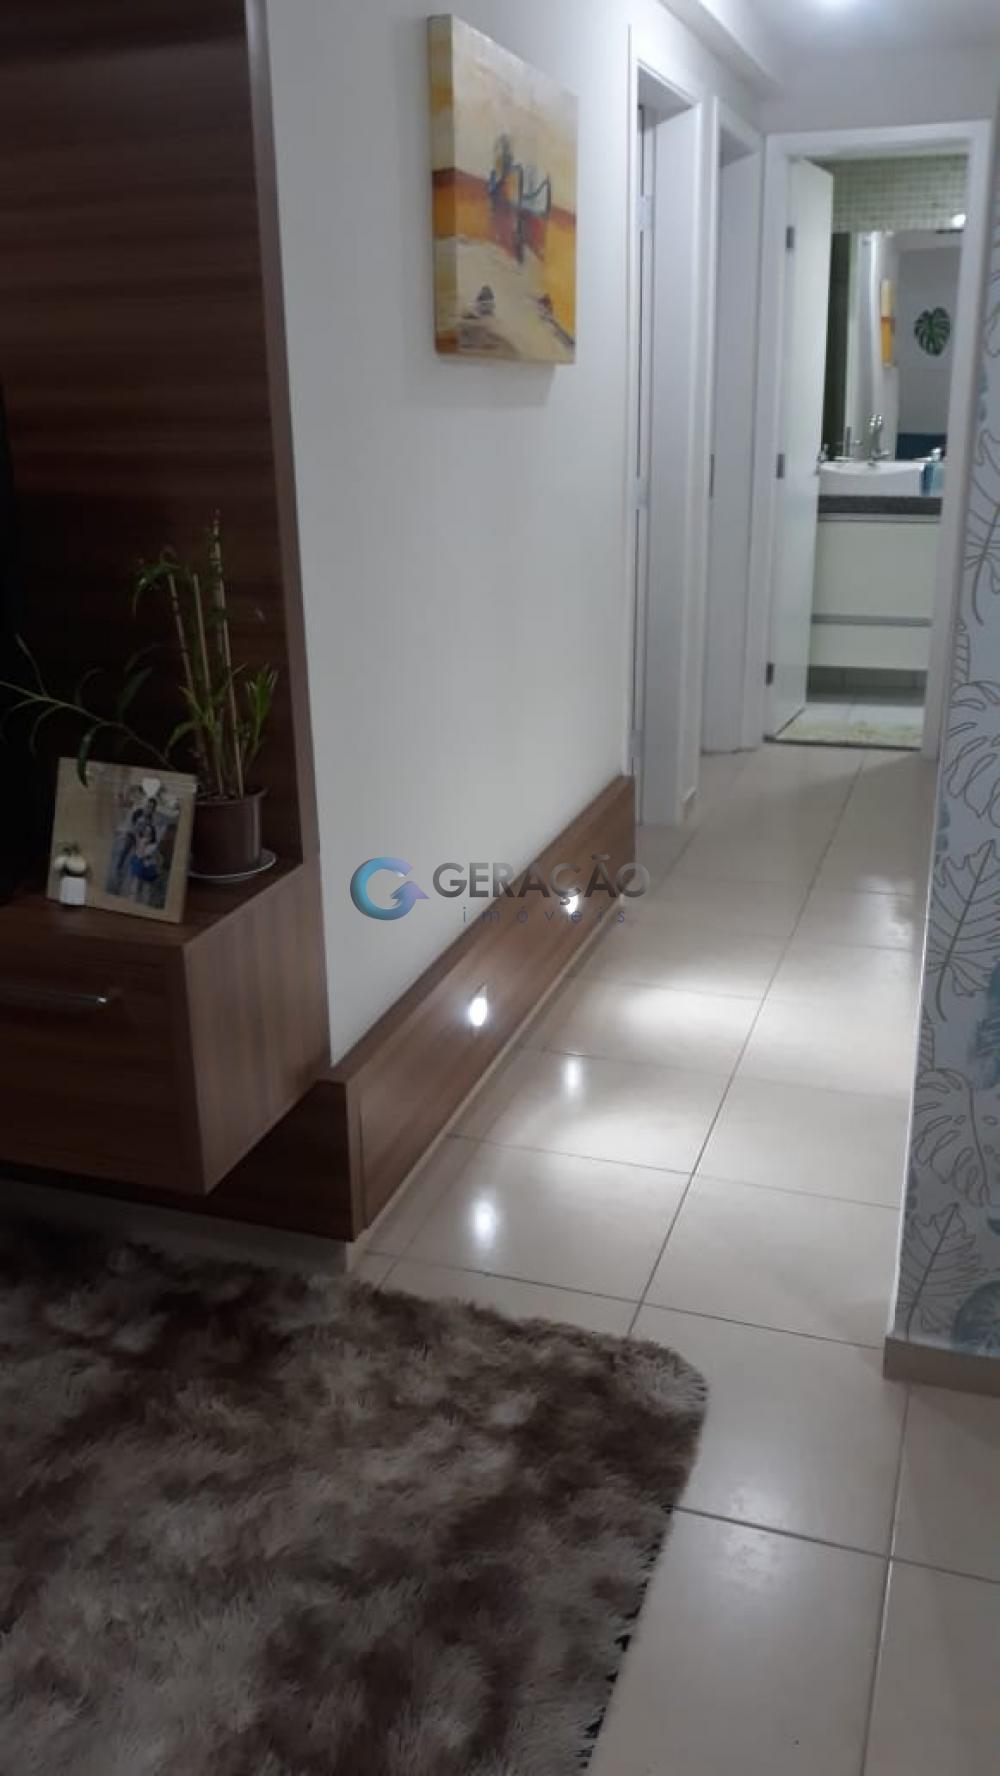 Comprar Apartamento / Padrão em São José dos Campos R$ 297.000,00 - Foto 7